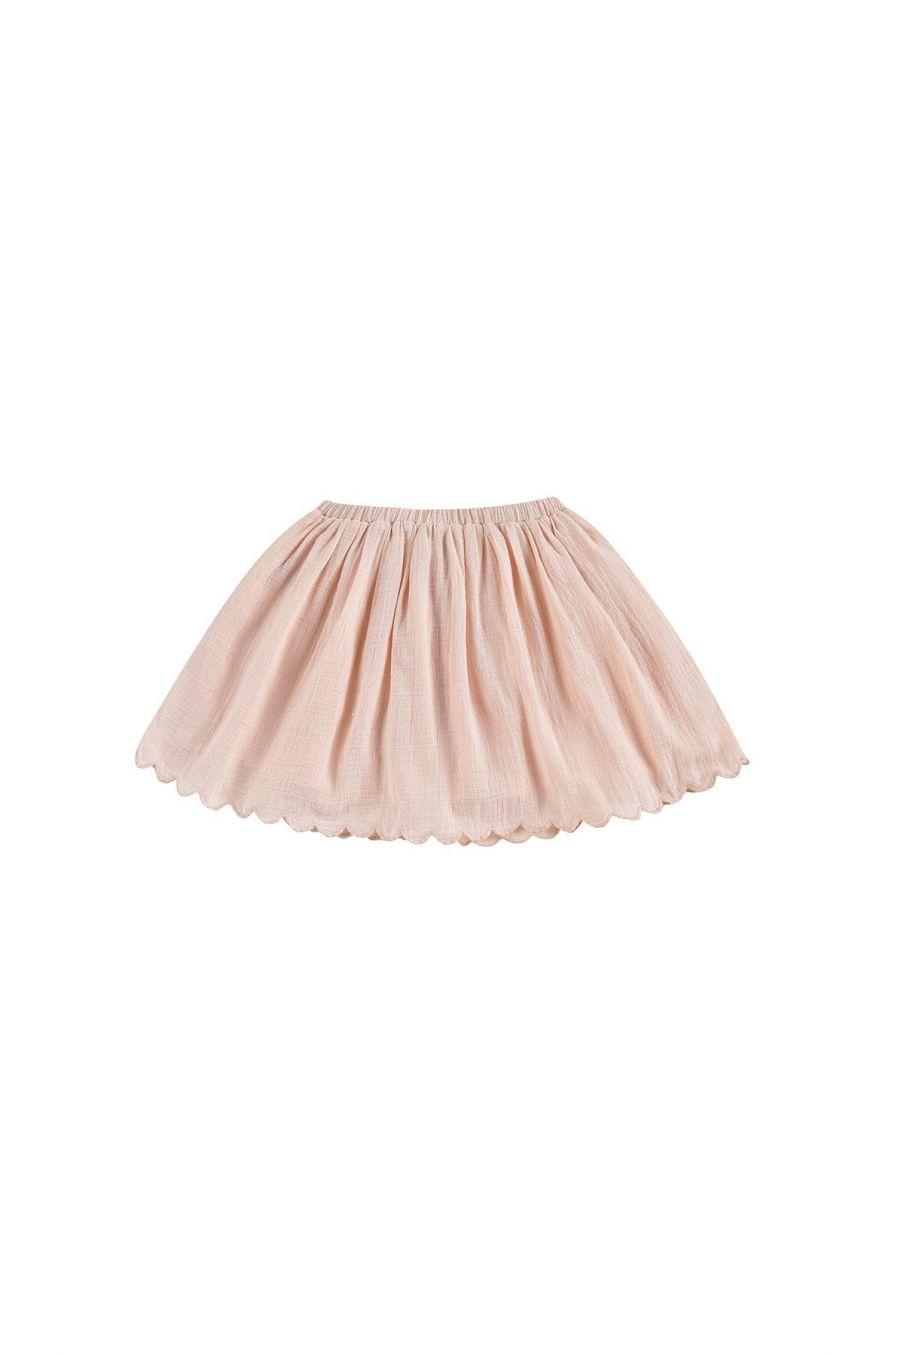 boheme chic vintage jupe fille riola blush